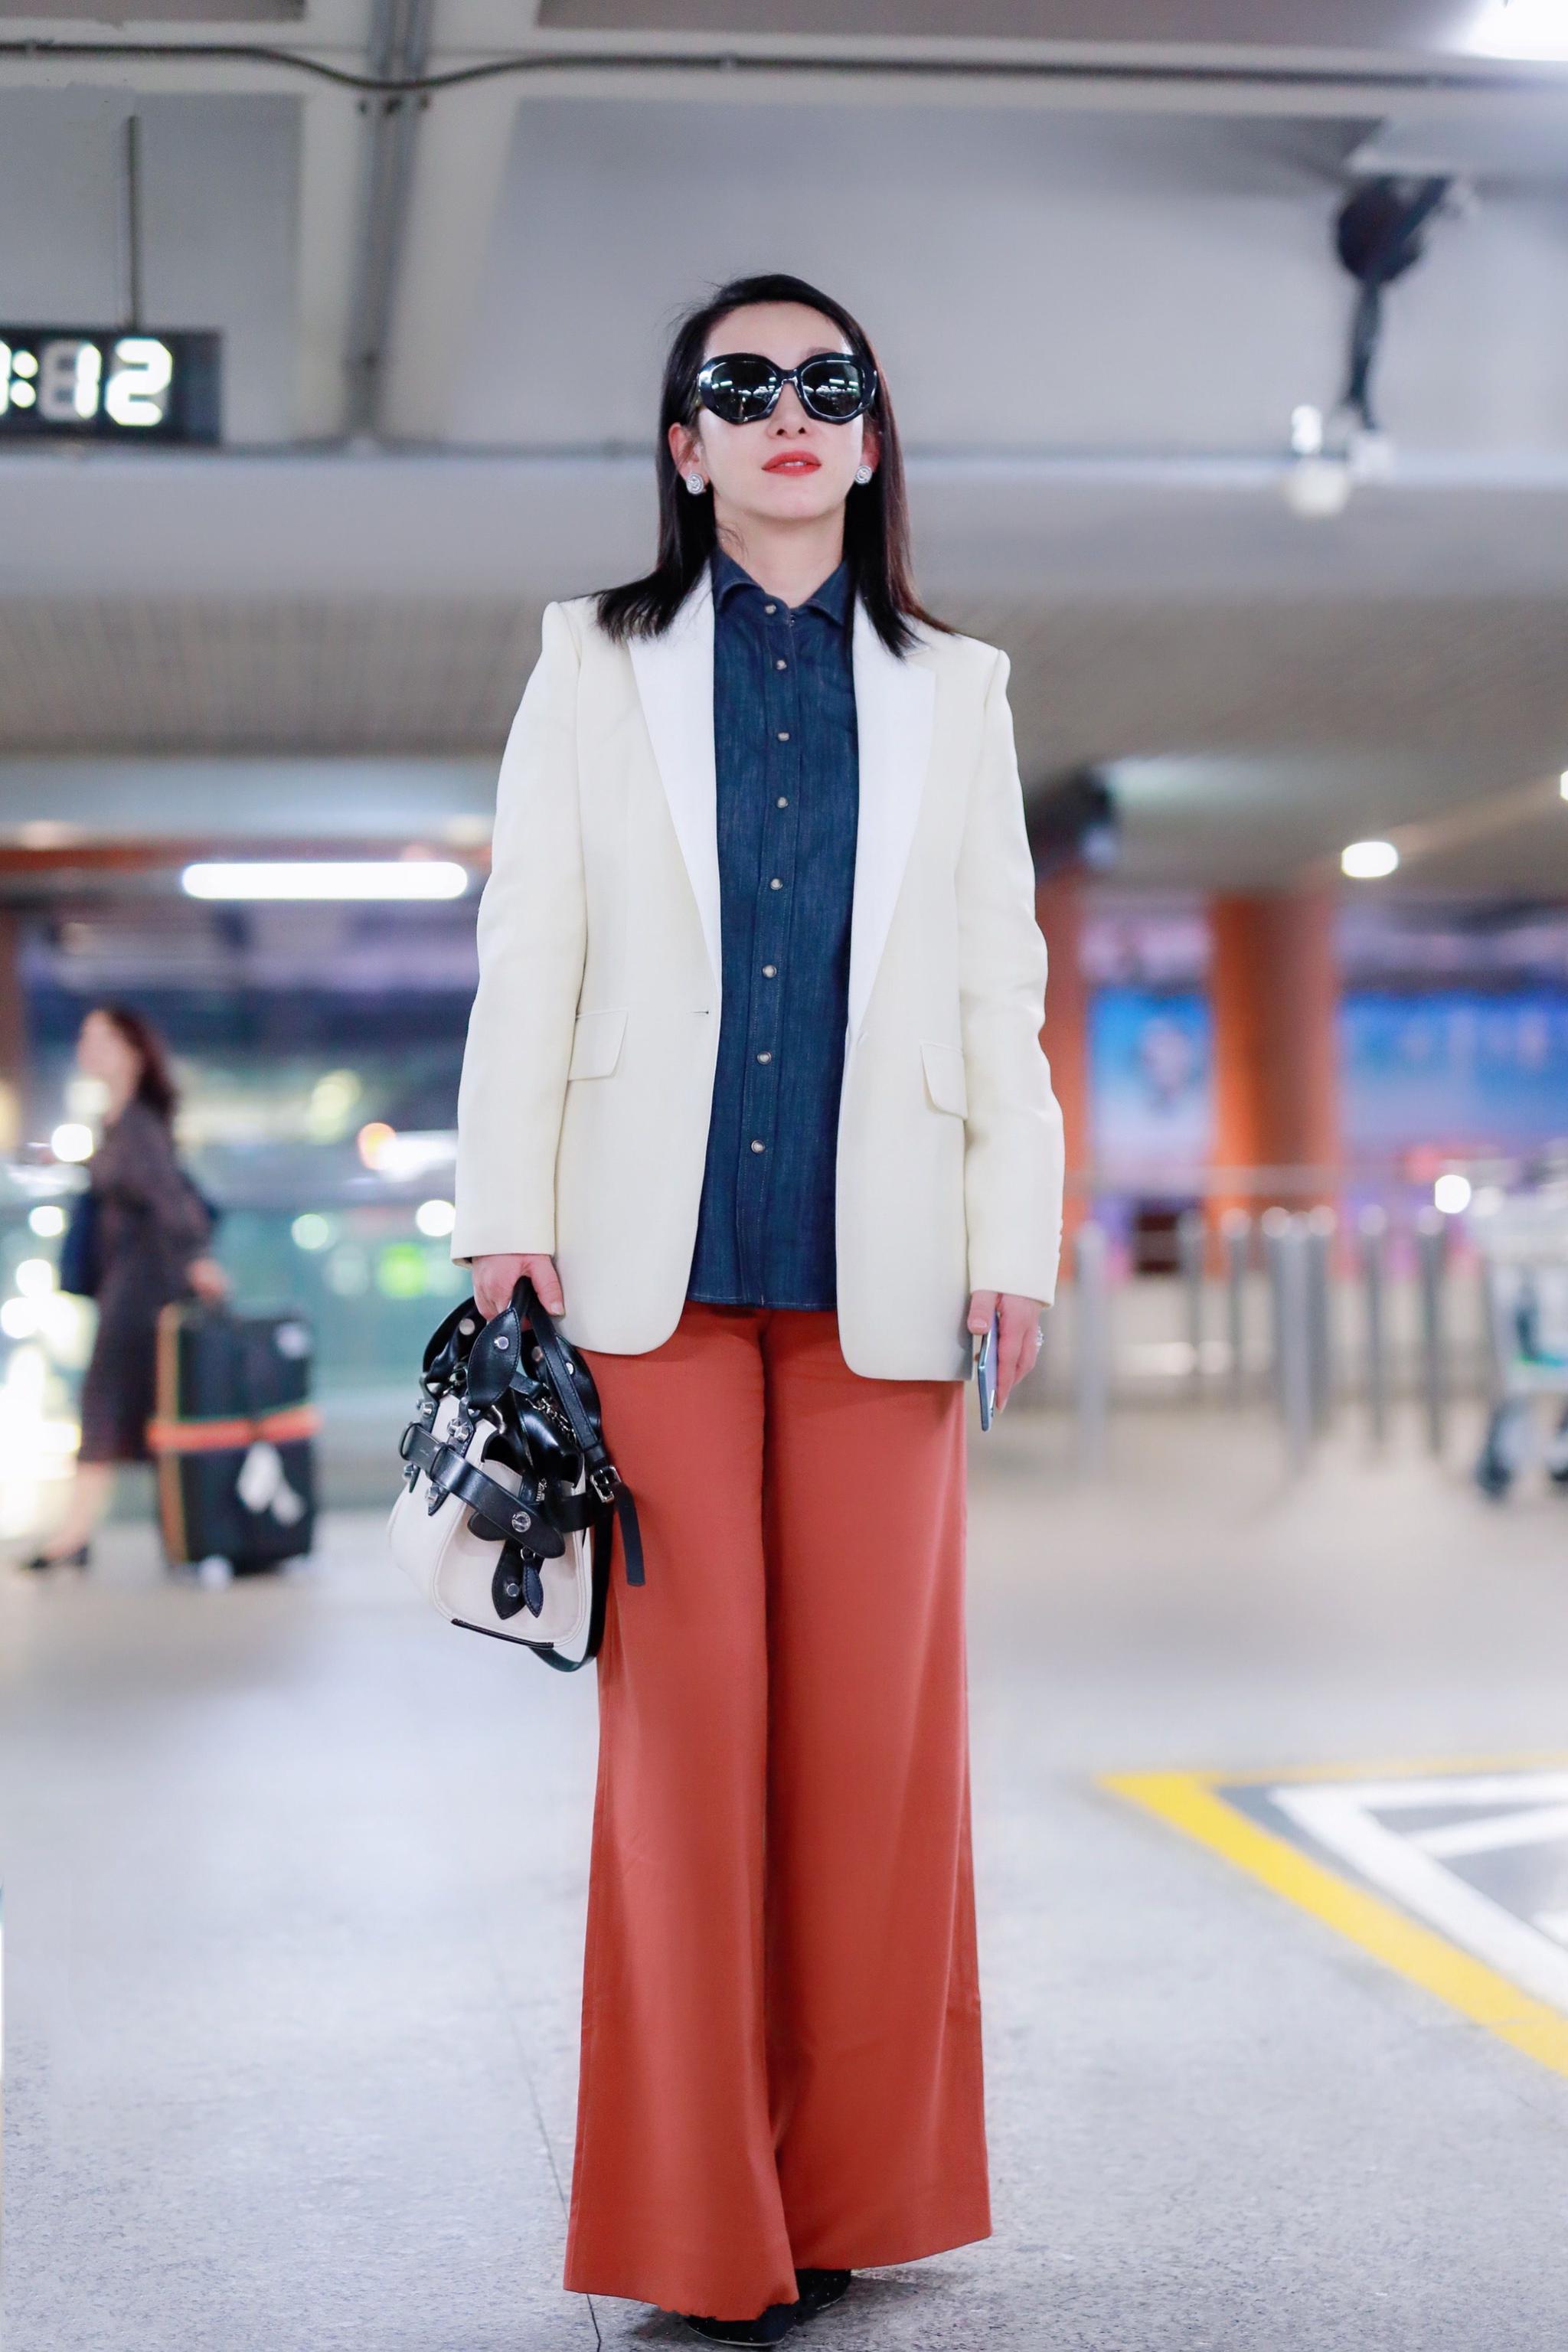 秦海璐西装阔腿裤走机场,大气从容又时尚,这才是女人该有的样子